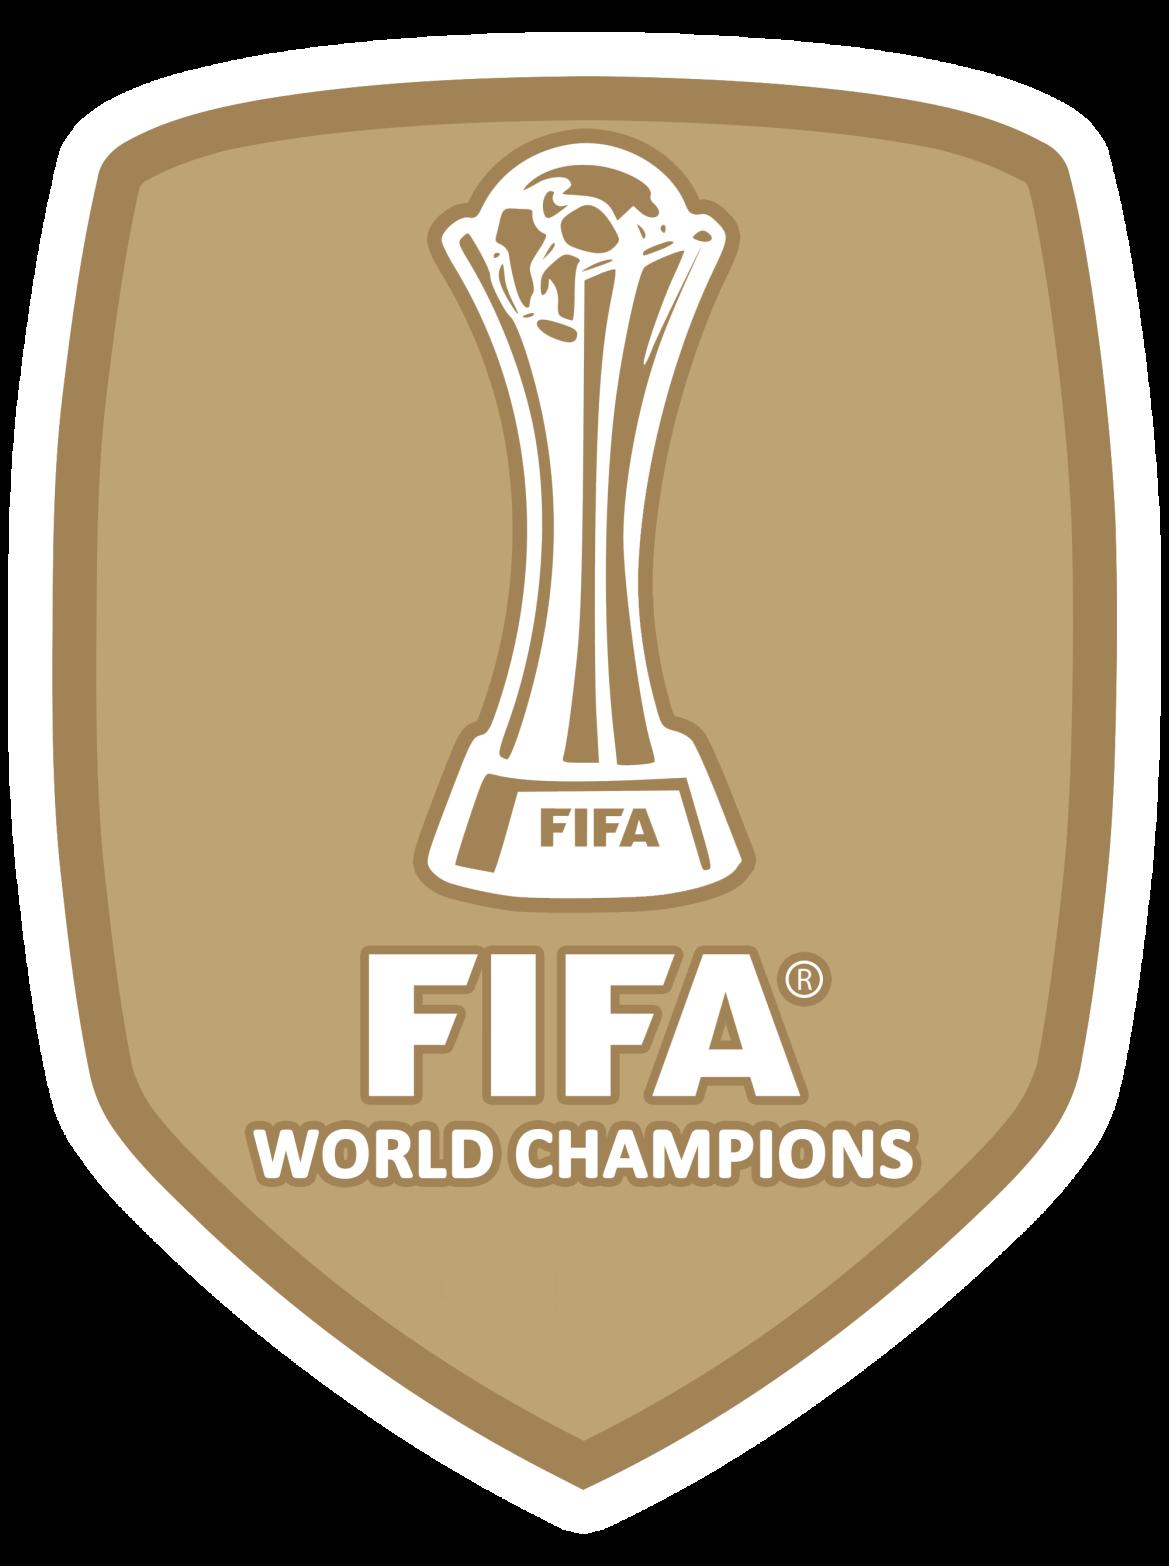 Periodismo de fútbol mundial: Historial de la Copa Intercontinental / Mundial  de Clubes